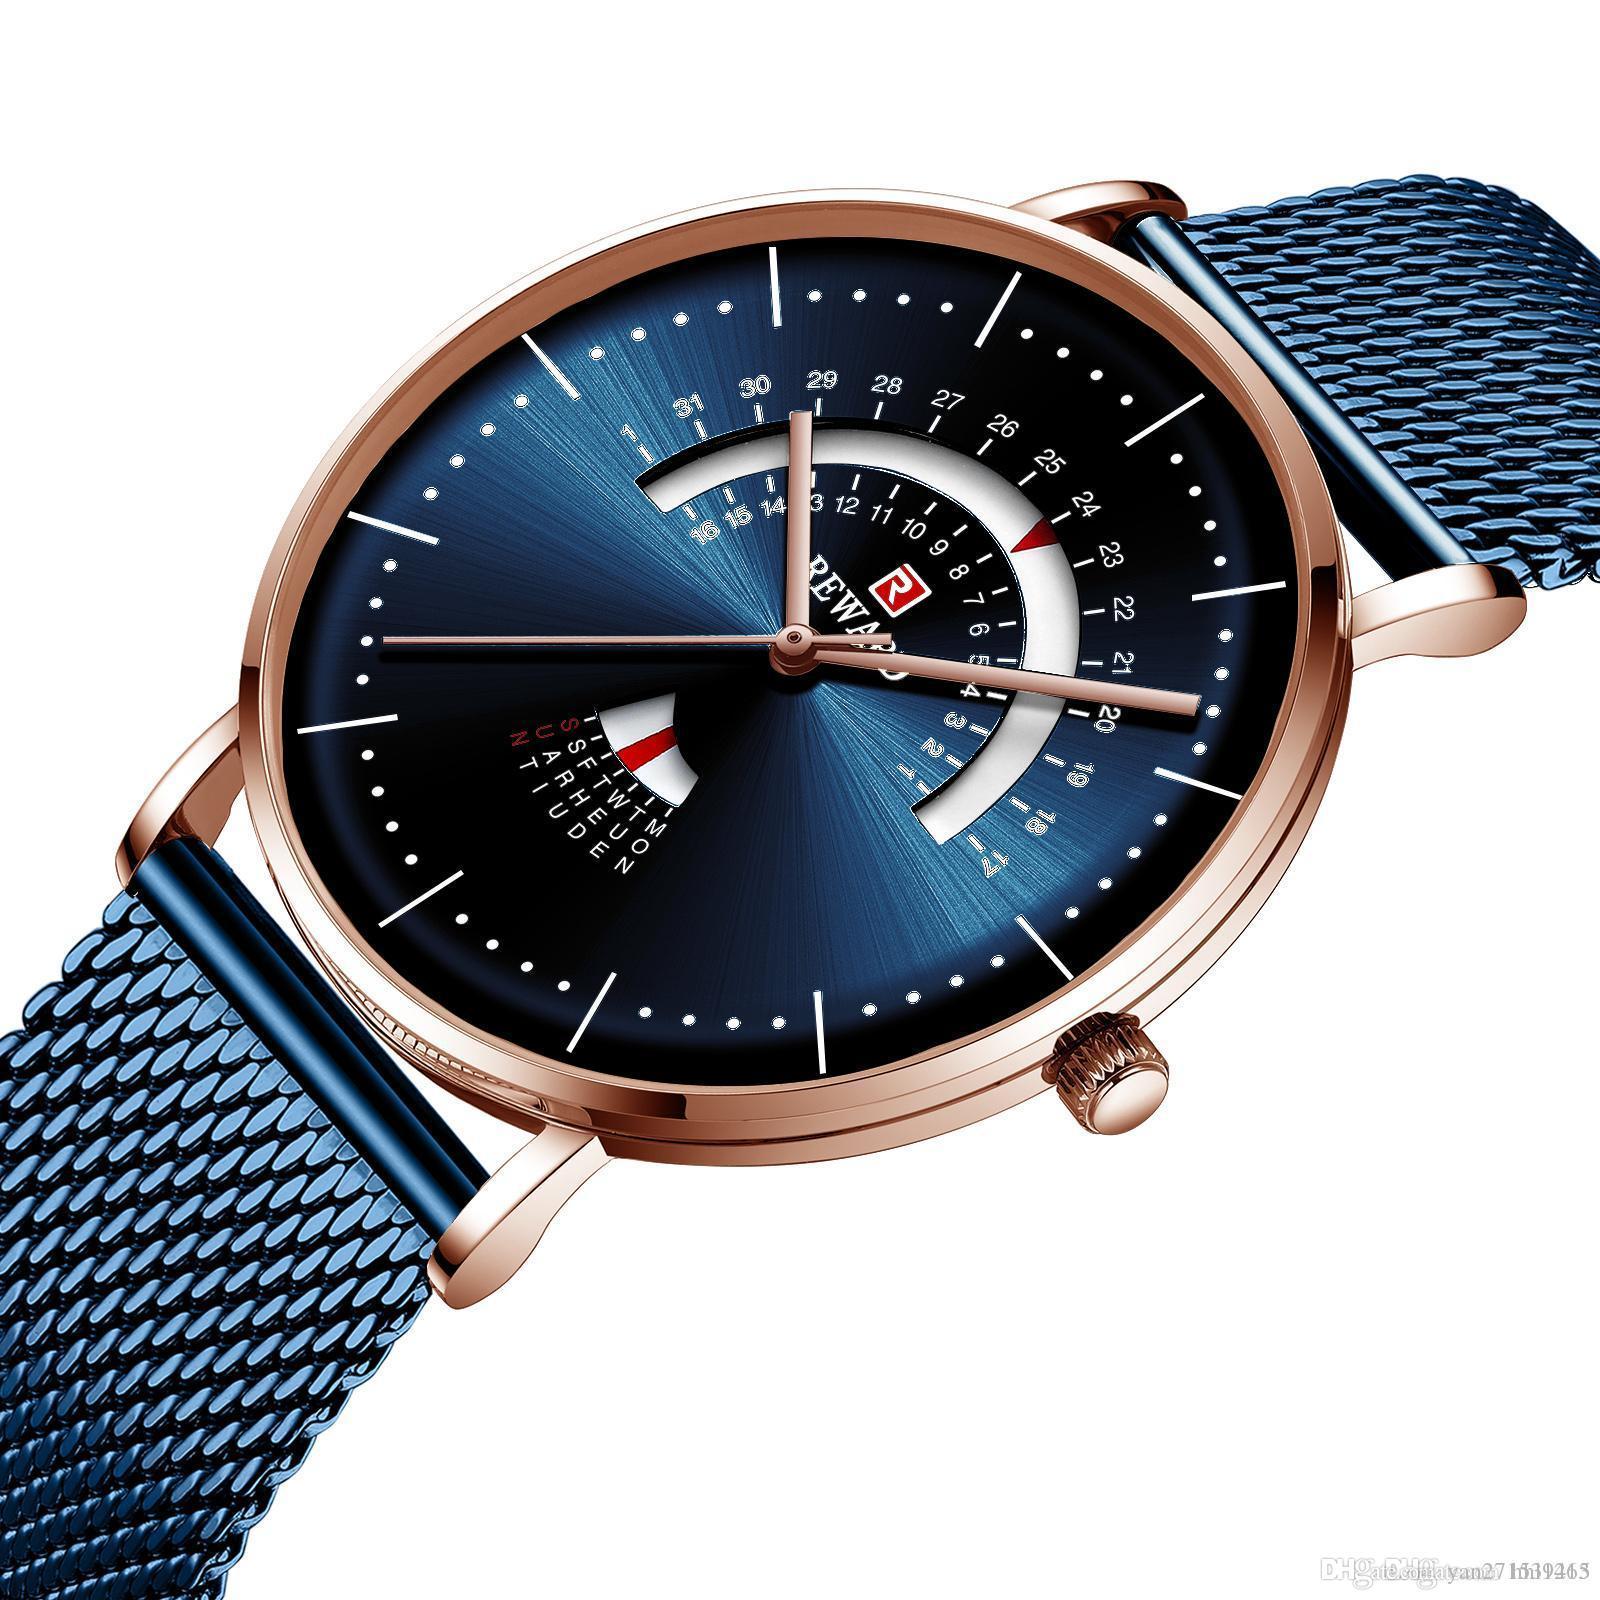 Спортивные часы дизайнерские часы мужские часы многофункциональные спортивные кварцевые из нержавеющей стали из нержавеющей стали ремень подарок подарки RD62007M